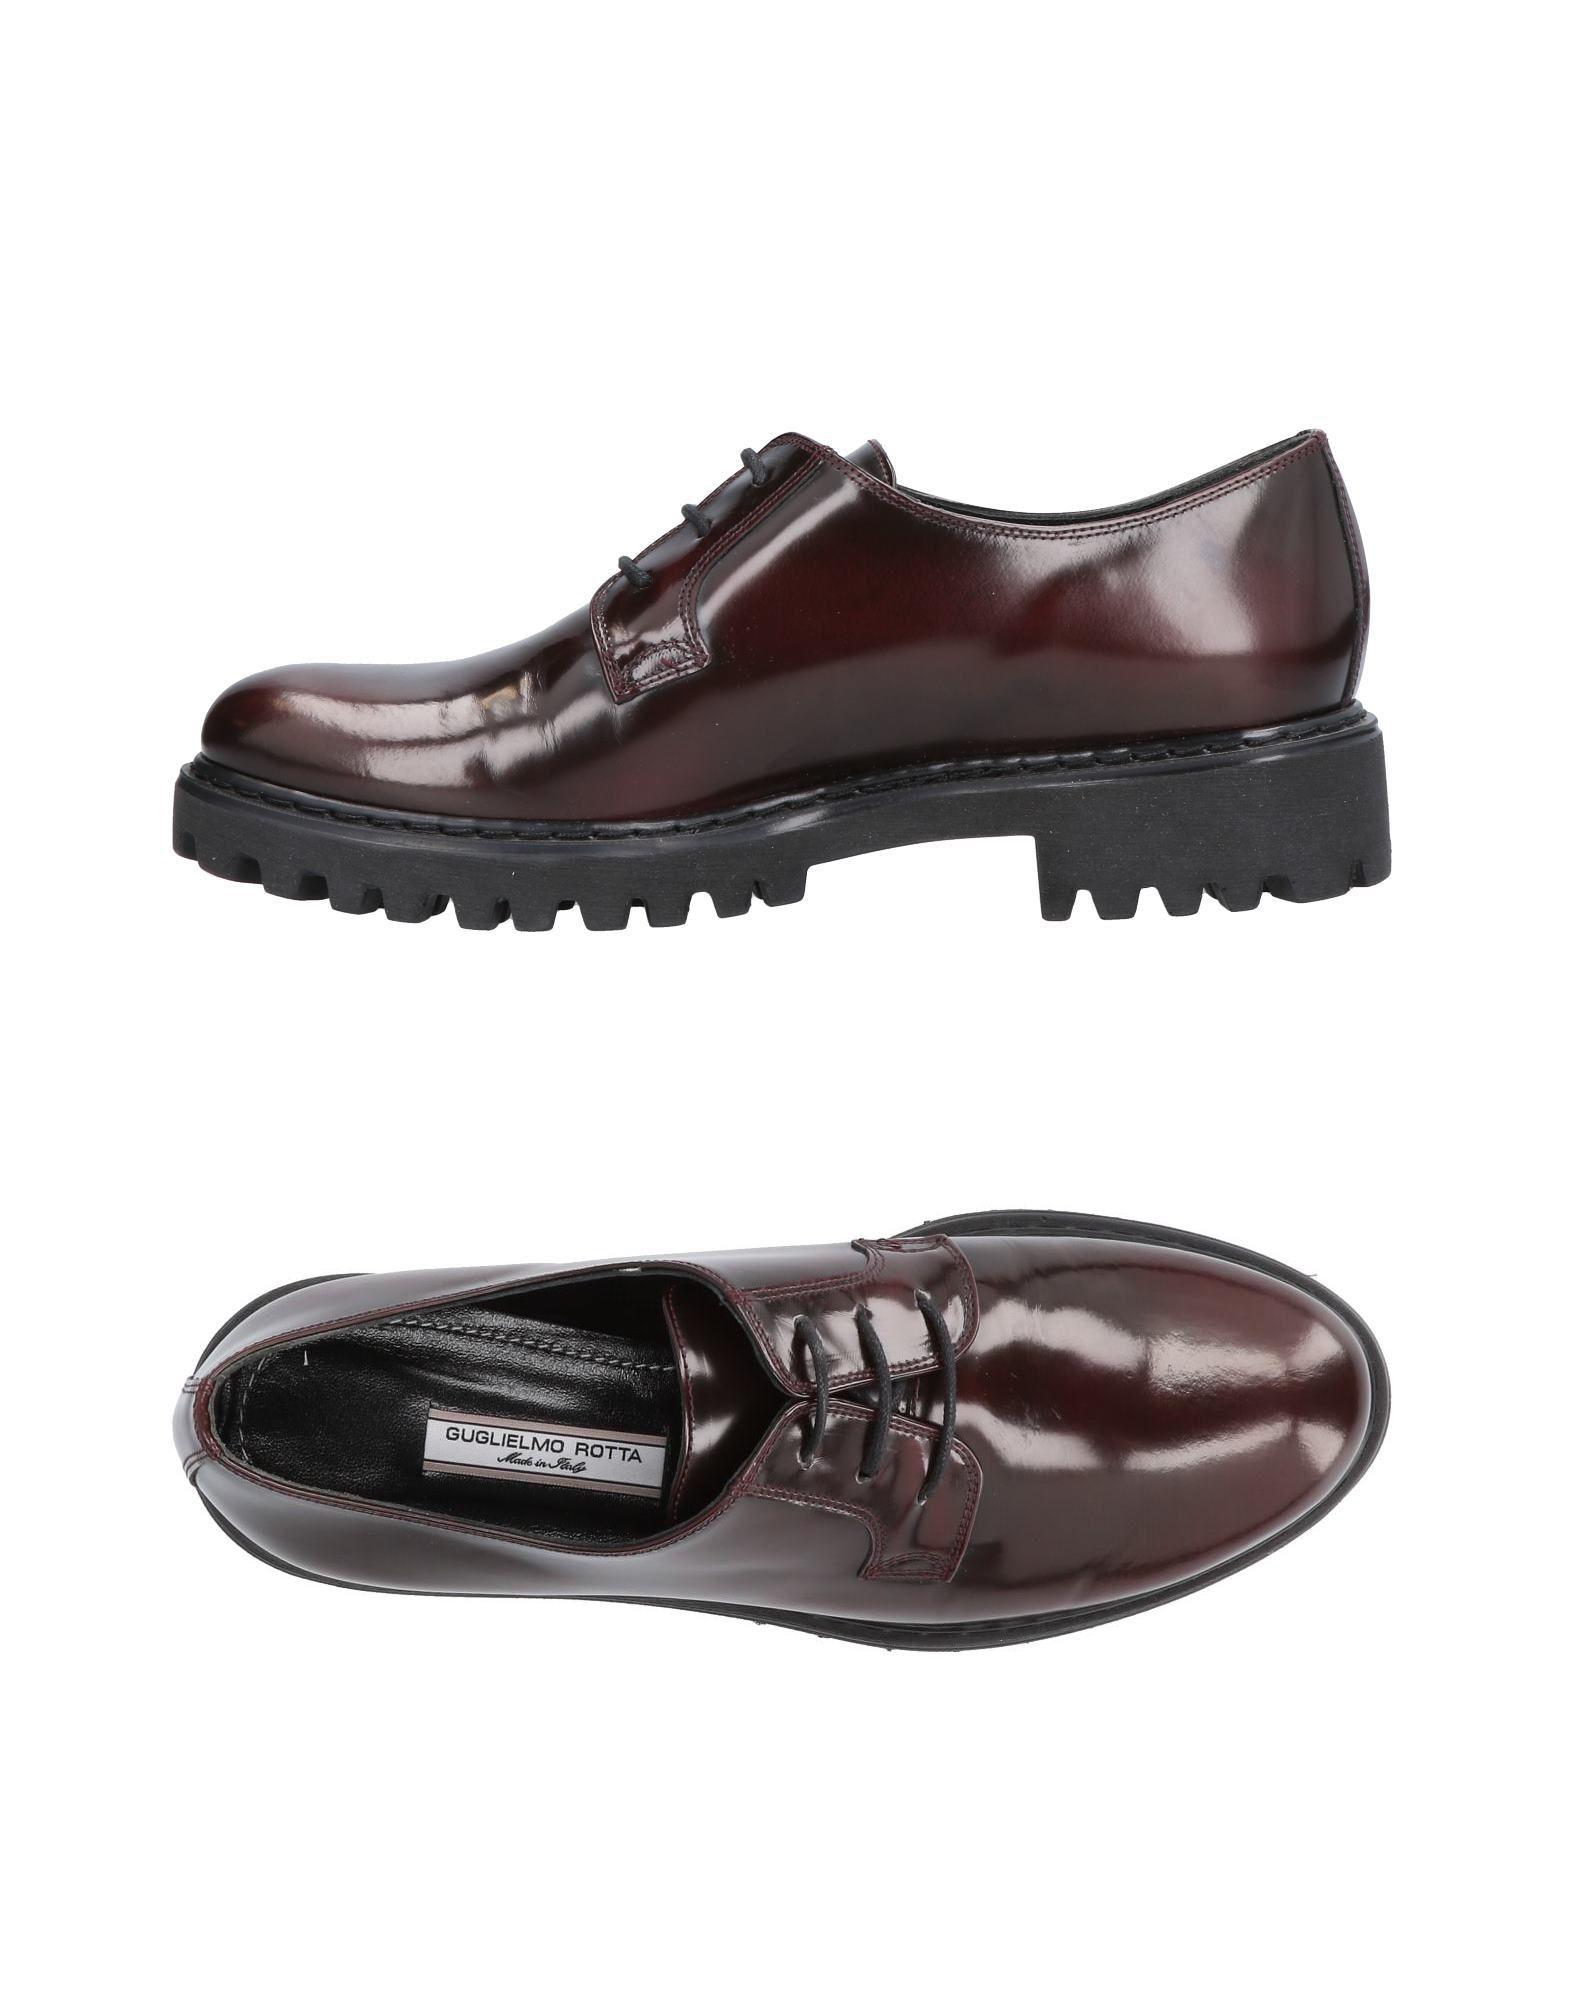 Guglielmo Rotta Schnürschuhe Damen  11483462SL Gute Qualität beliebte Schuhe